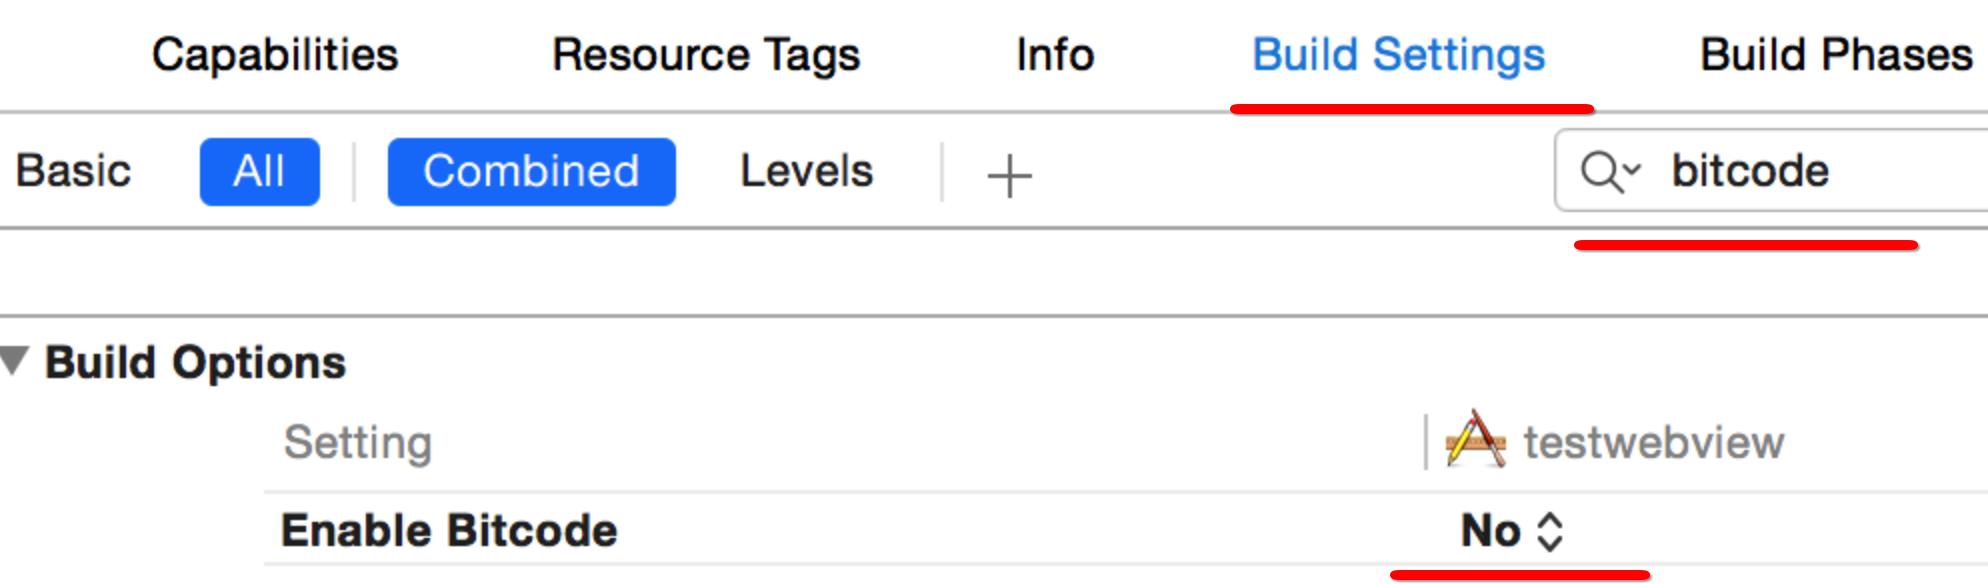 iOS6、7、8、9新特性汇总和适配说明